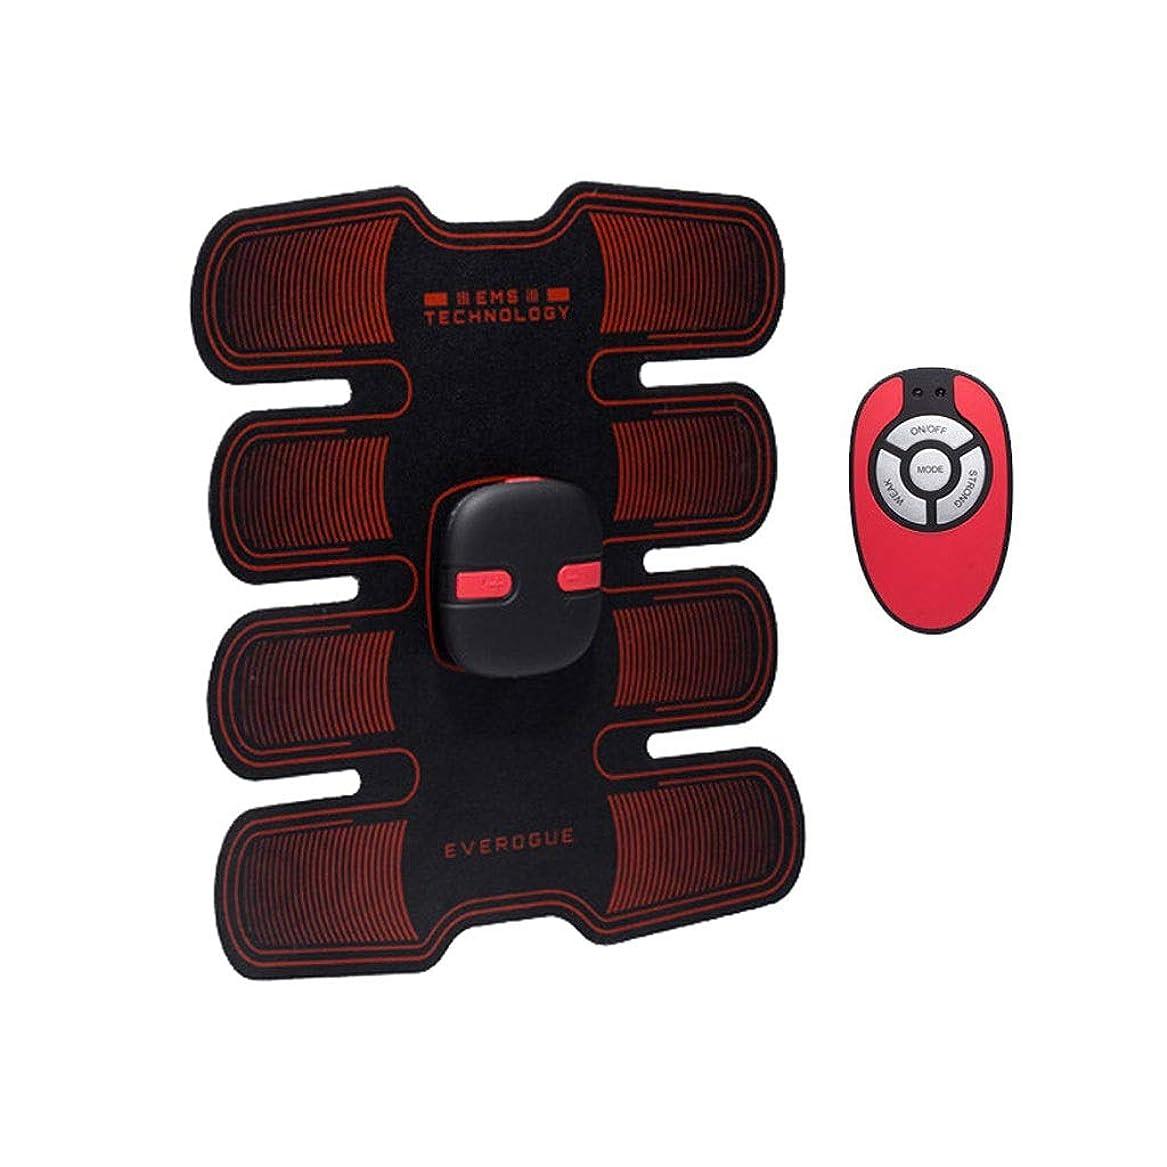 征服将来の株式フィットネストレーニングギア、リモコン付きEMS筋肉刺激装置USB充電式究極の腹部刺激装置 - 男性用女性用筋肉トナー (Size : A)